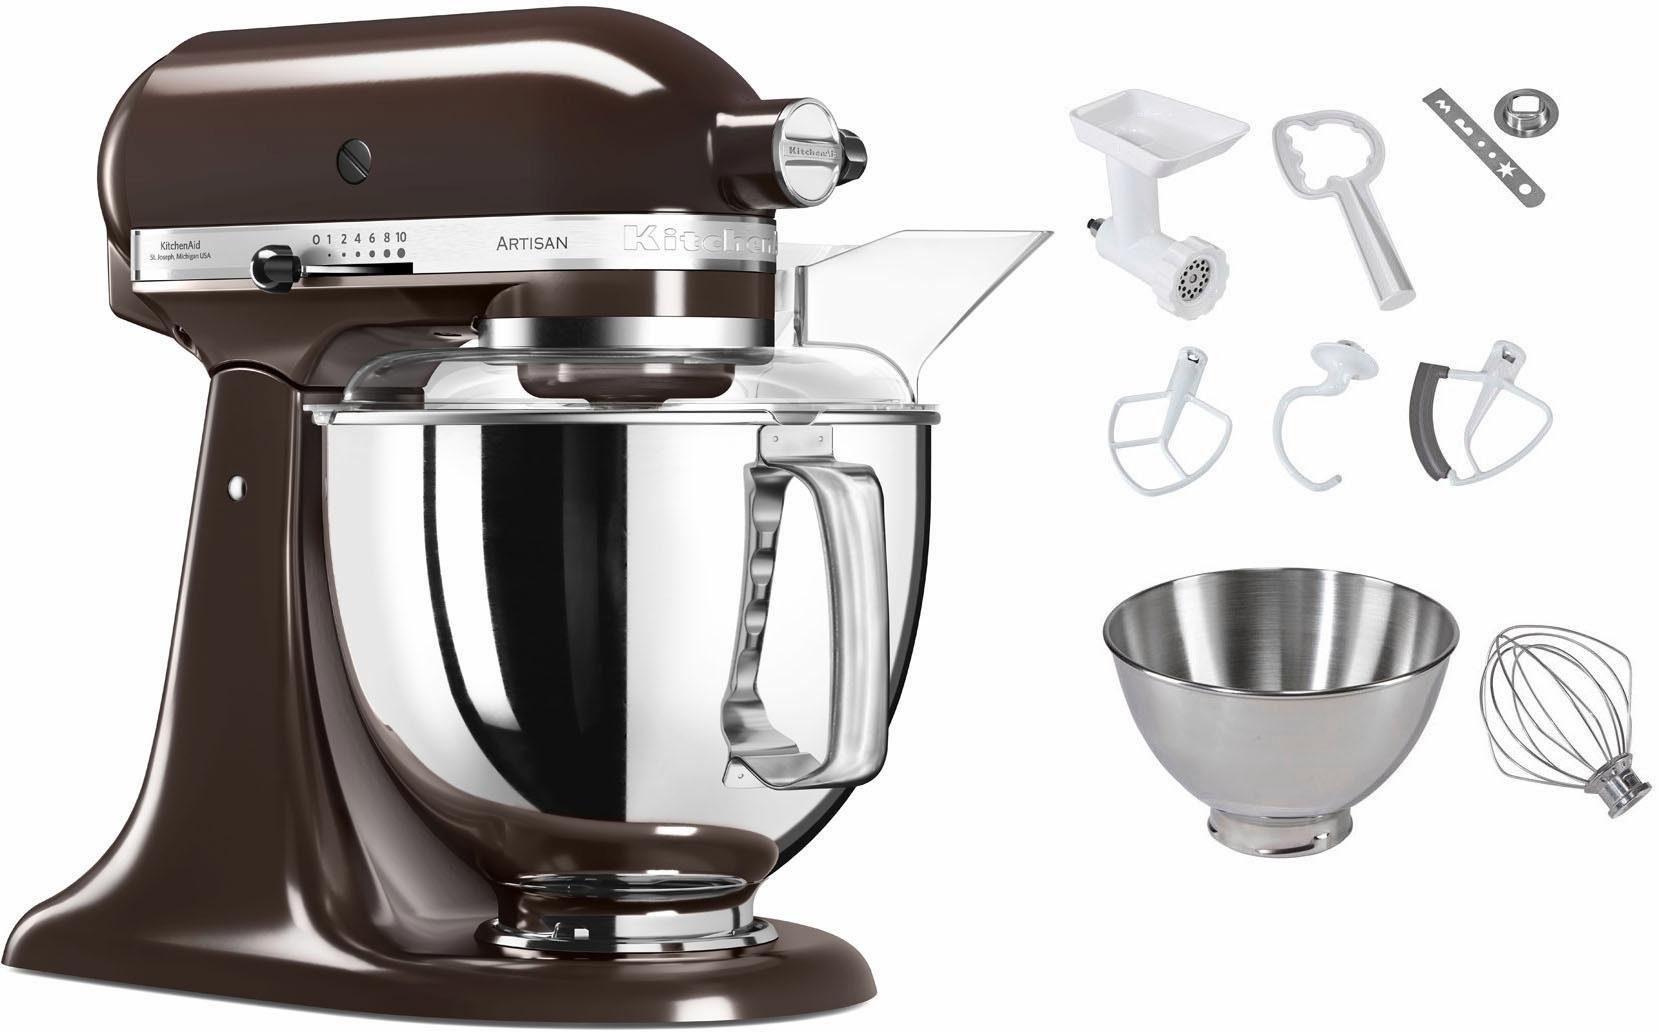 KitchenAid Küchenmaschine 5KSM175PSEES Artisan, 300 W, 4,83 l Schüssel, inkl. Sonderzubehör im Wert von ca. 106,-€ UVP